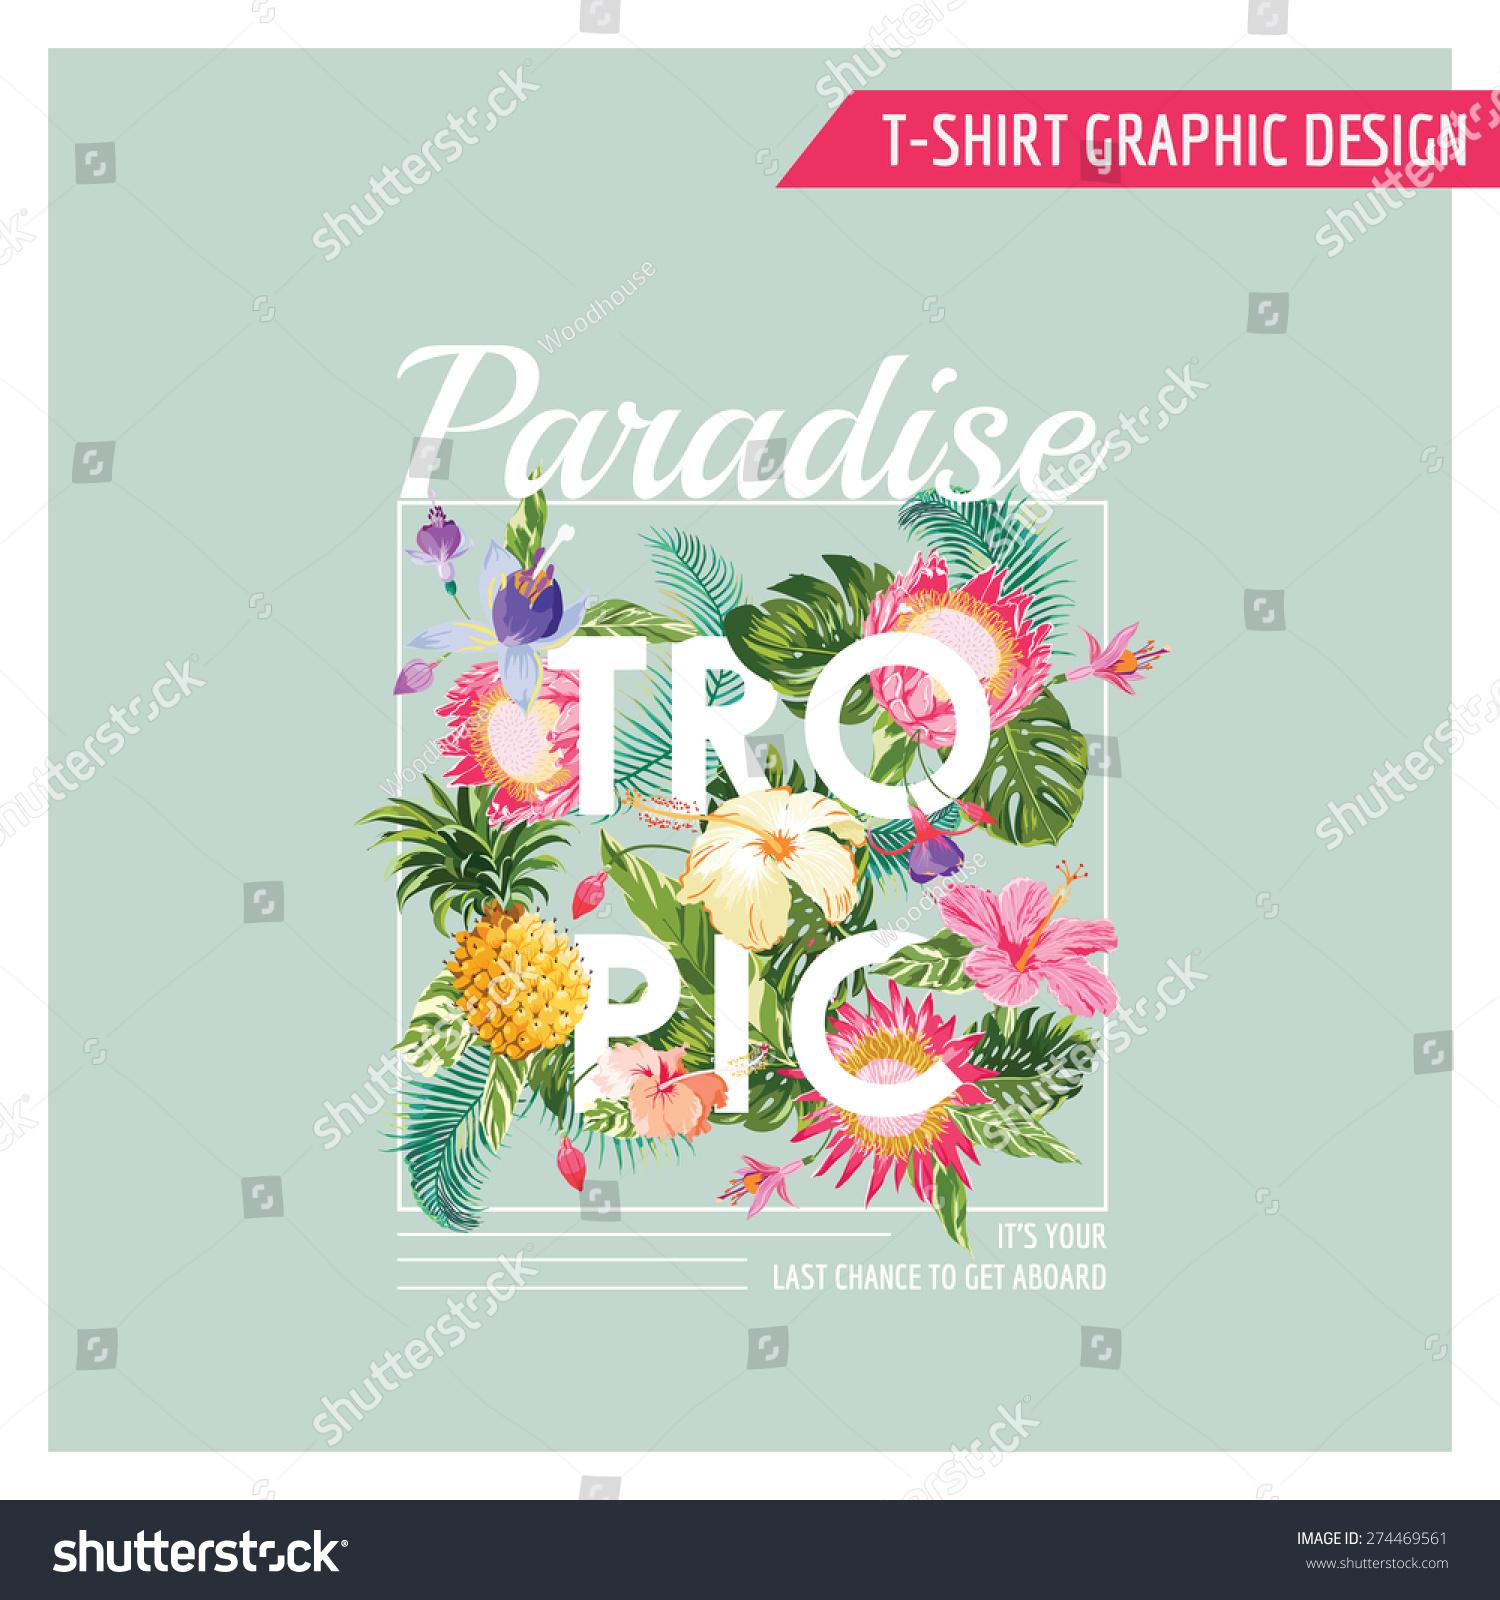 Tropical Flowers Graphic Design Tshirt Fashion Stock